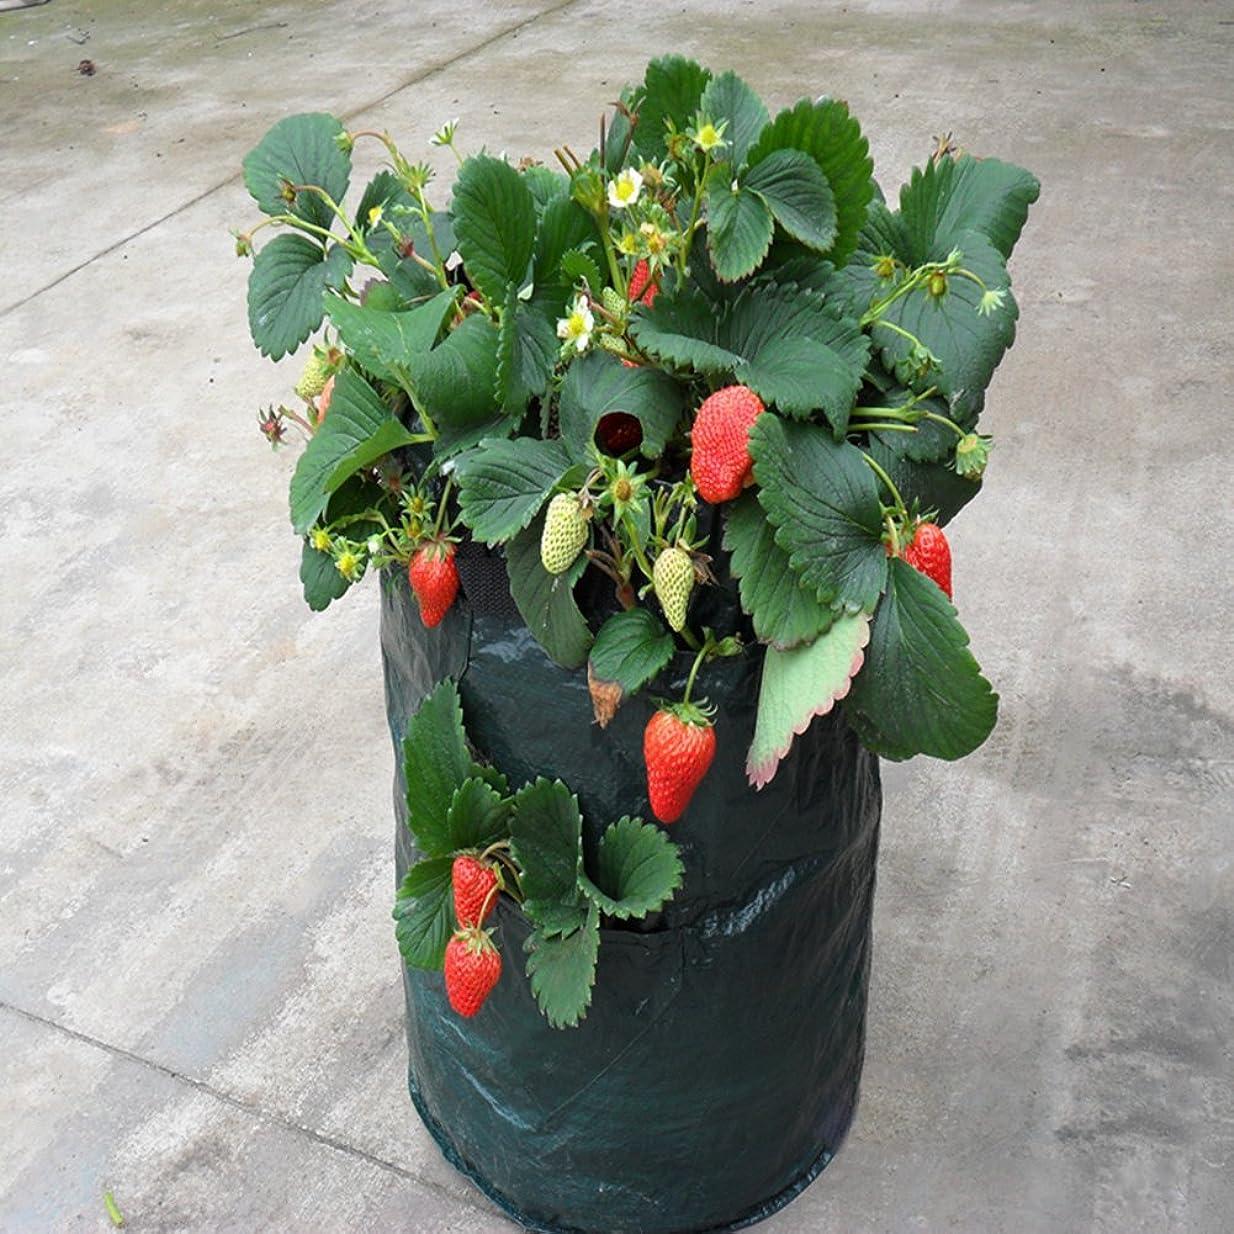 クローンヘビー見通し2個入り ハンギングバスケット 植物ボルダー ハンギングプランター 手作り ロープ ナチュラル プランターハンガー 植物ハンガーネット 鉢 吊るす 多肉植物 観葉植物 麻縄 インテリア 屋内 屋外